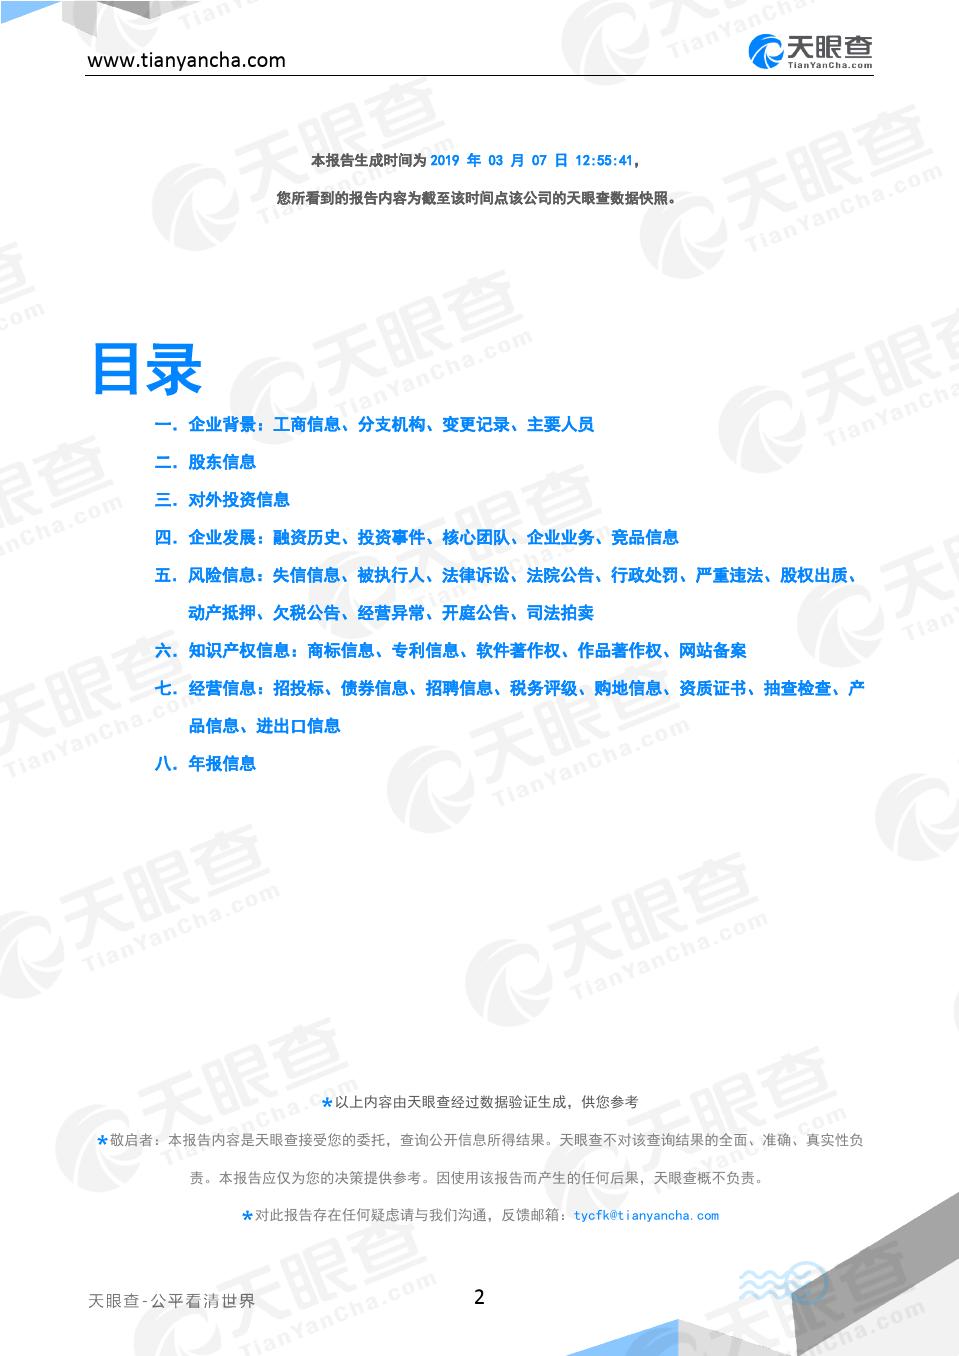 云南省久泰药业有限公司官渡区怀德仁药房雨龙路店企业信息报告-天眼查